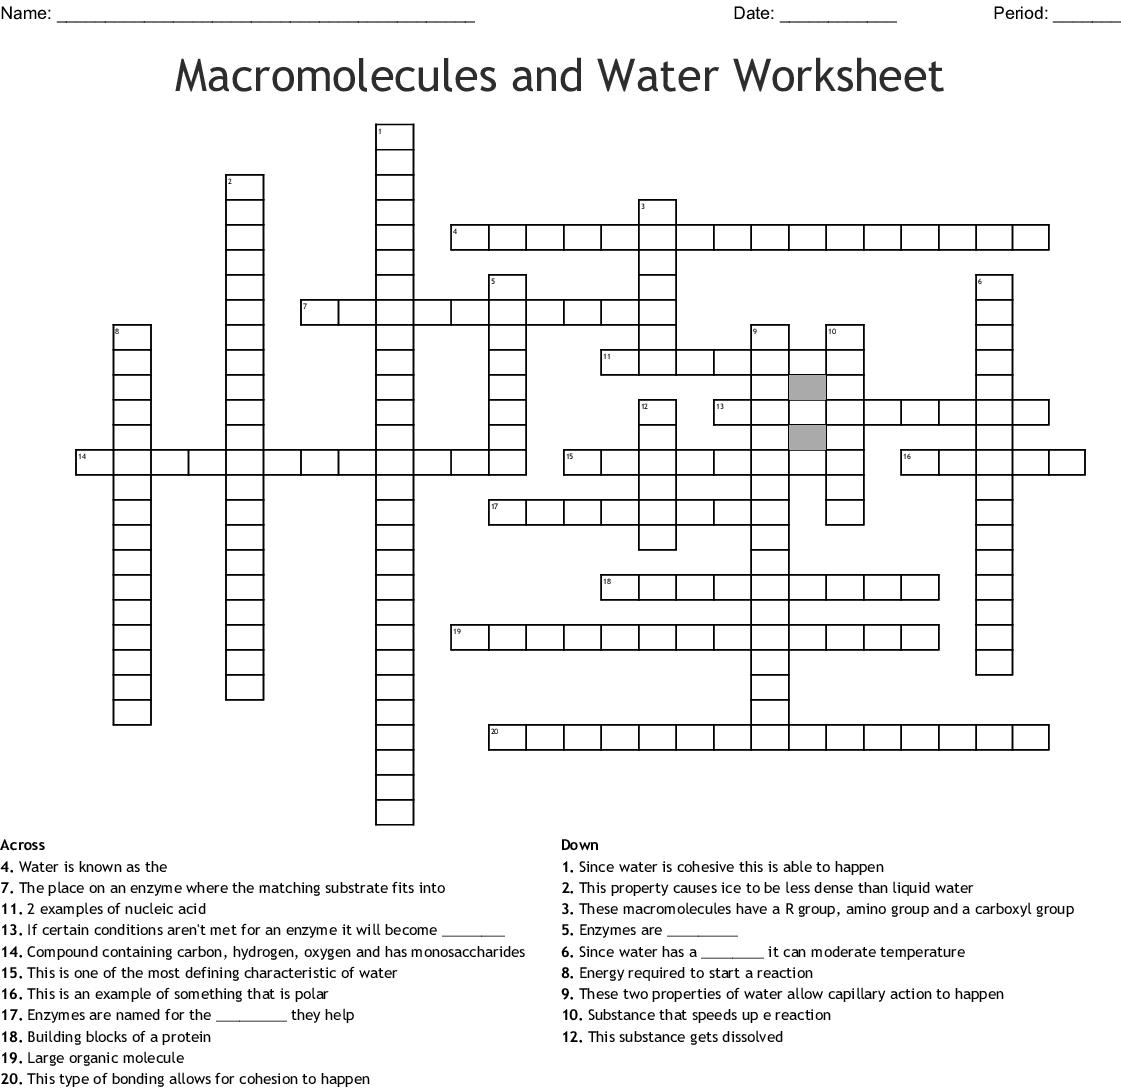 Macromolecules And Water Worksheet Crossword